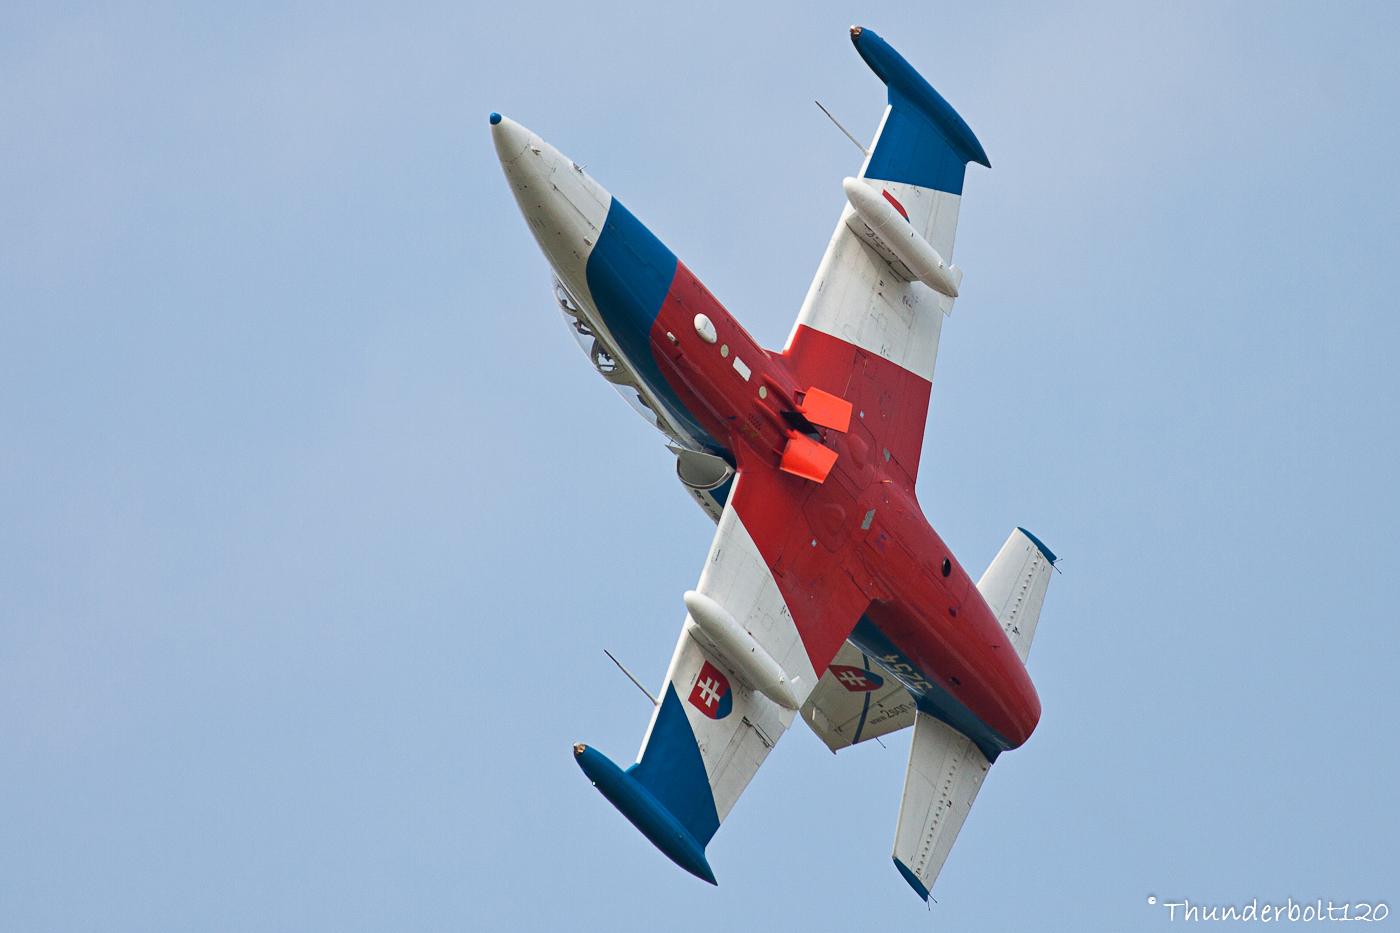 L-39CM Albatros 5254